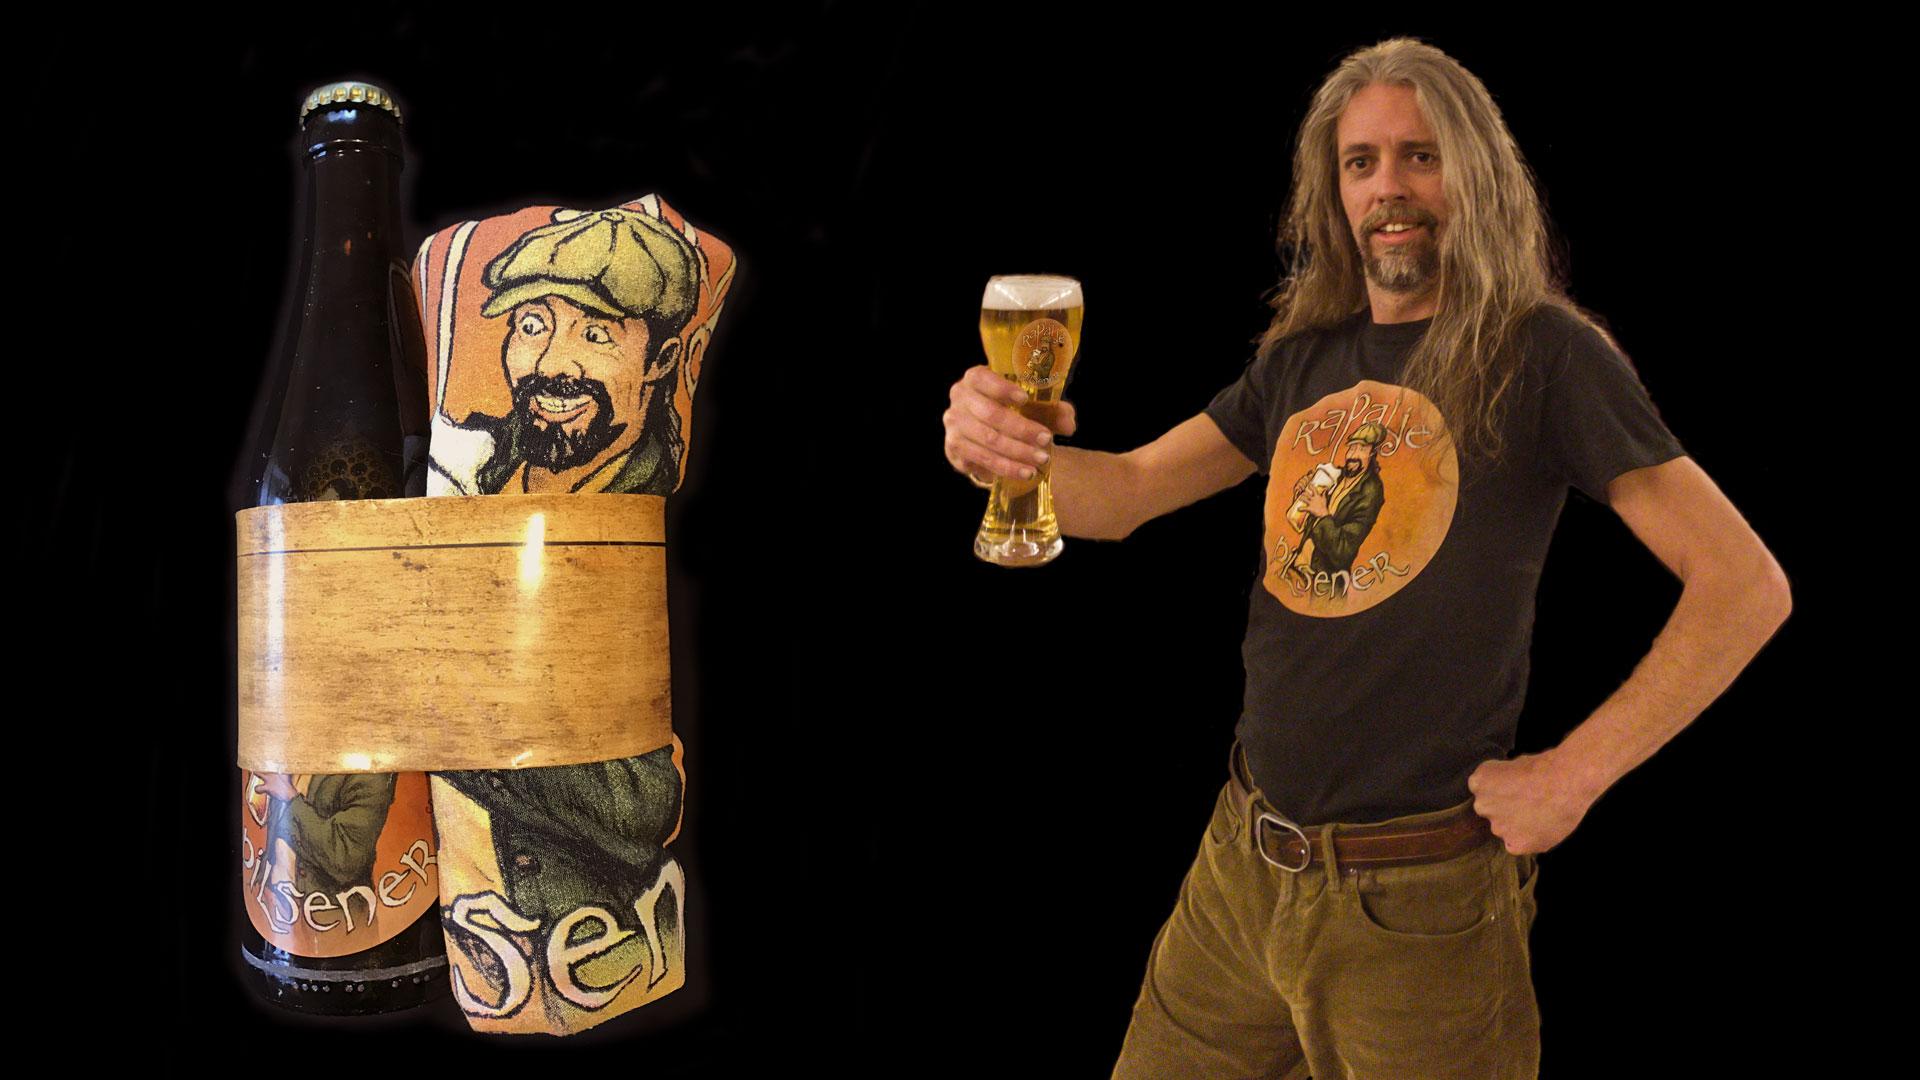 rapalje beer special deal